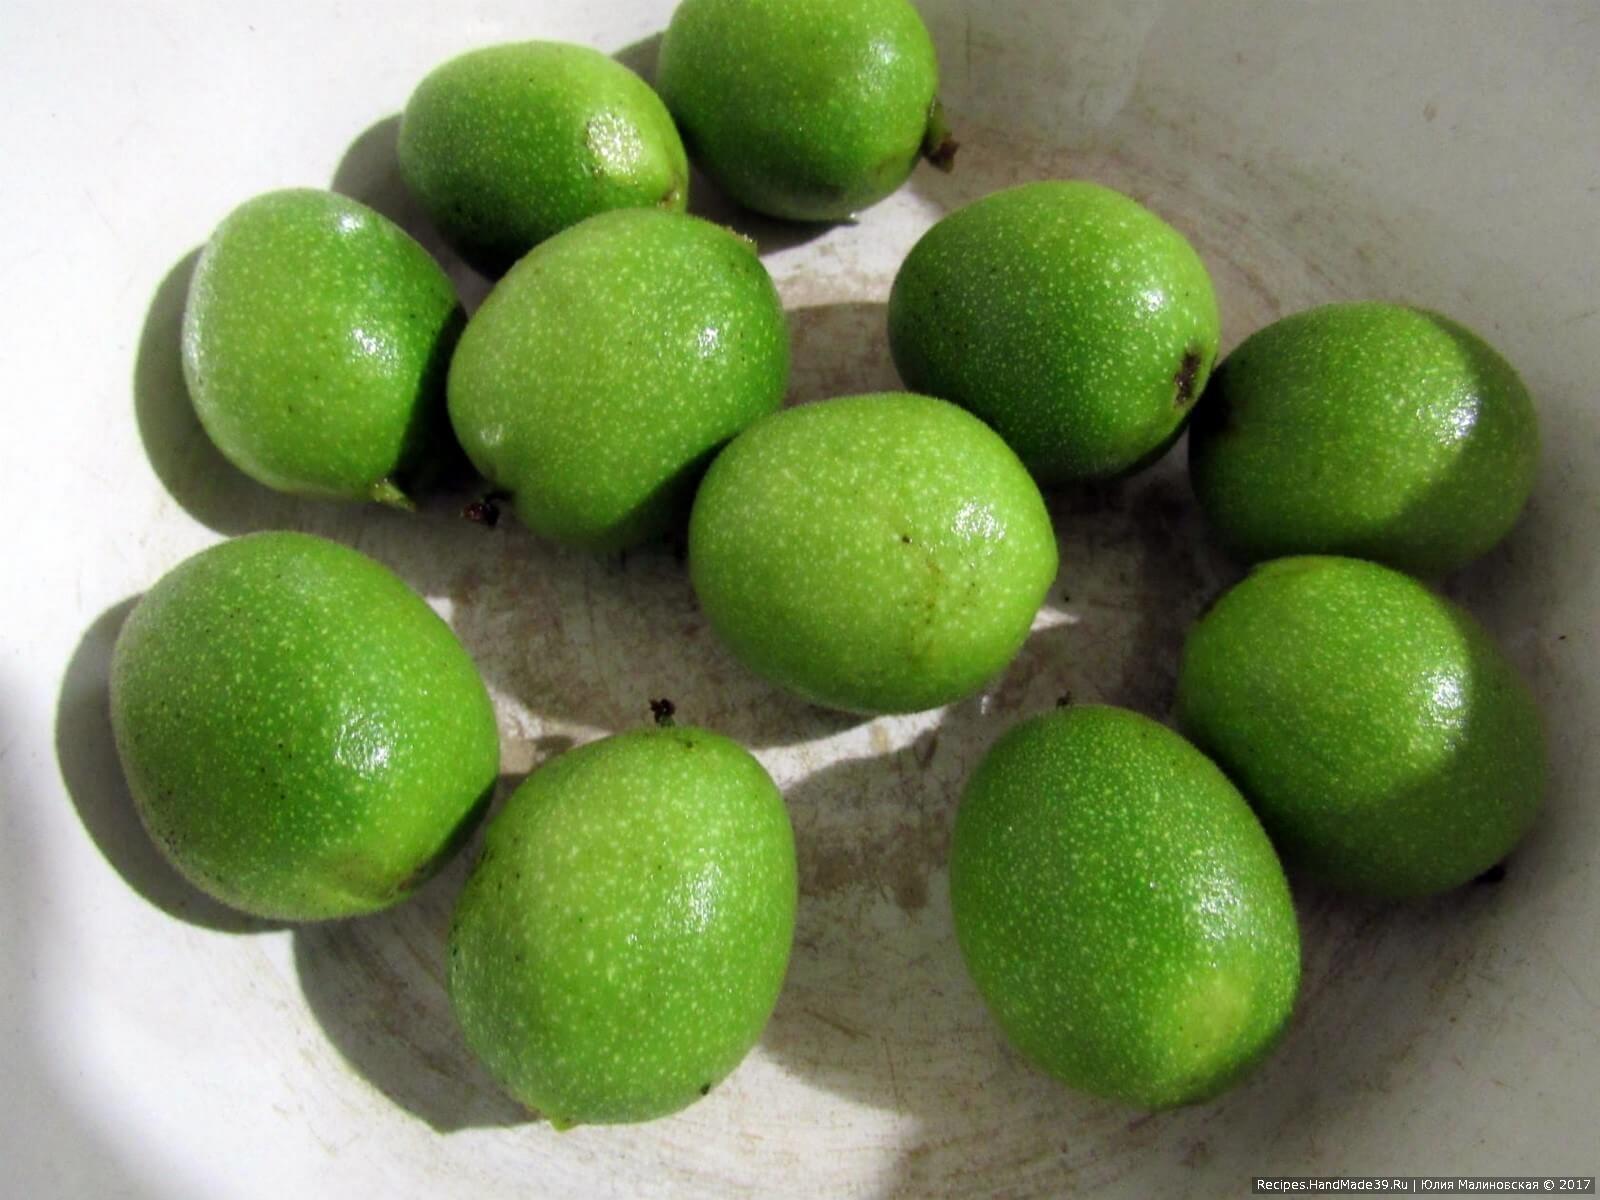 Предварительная подготовка зелёных грецких орехов для варенья: орехи перебрать, чтобы были без брака